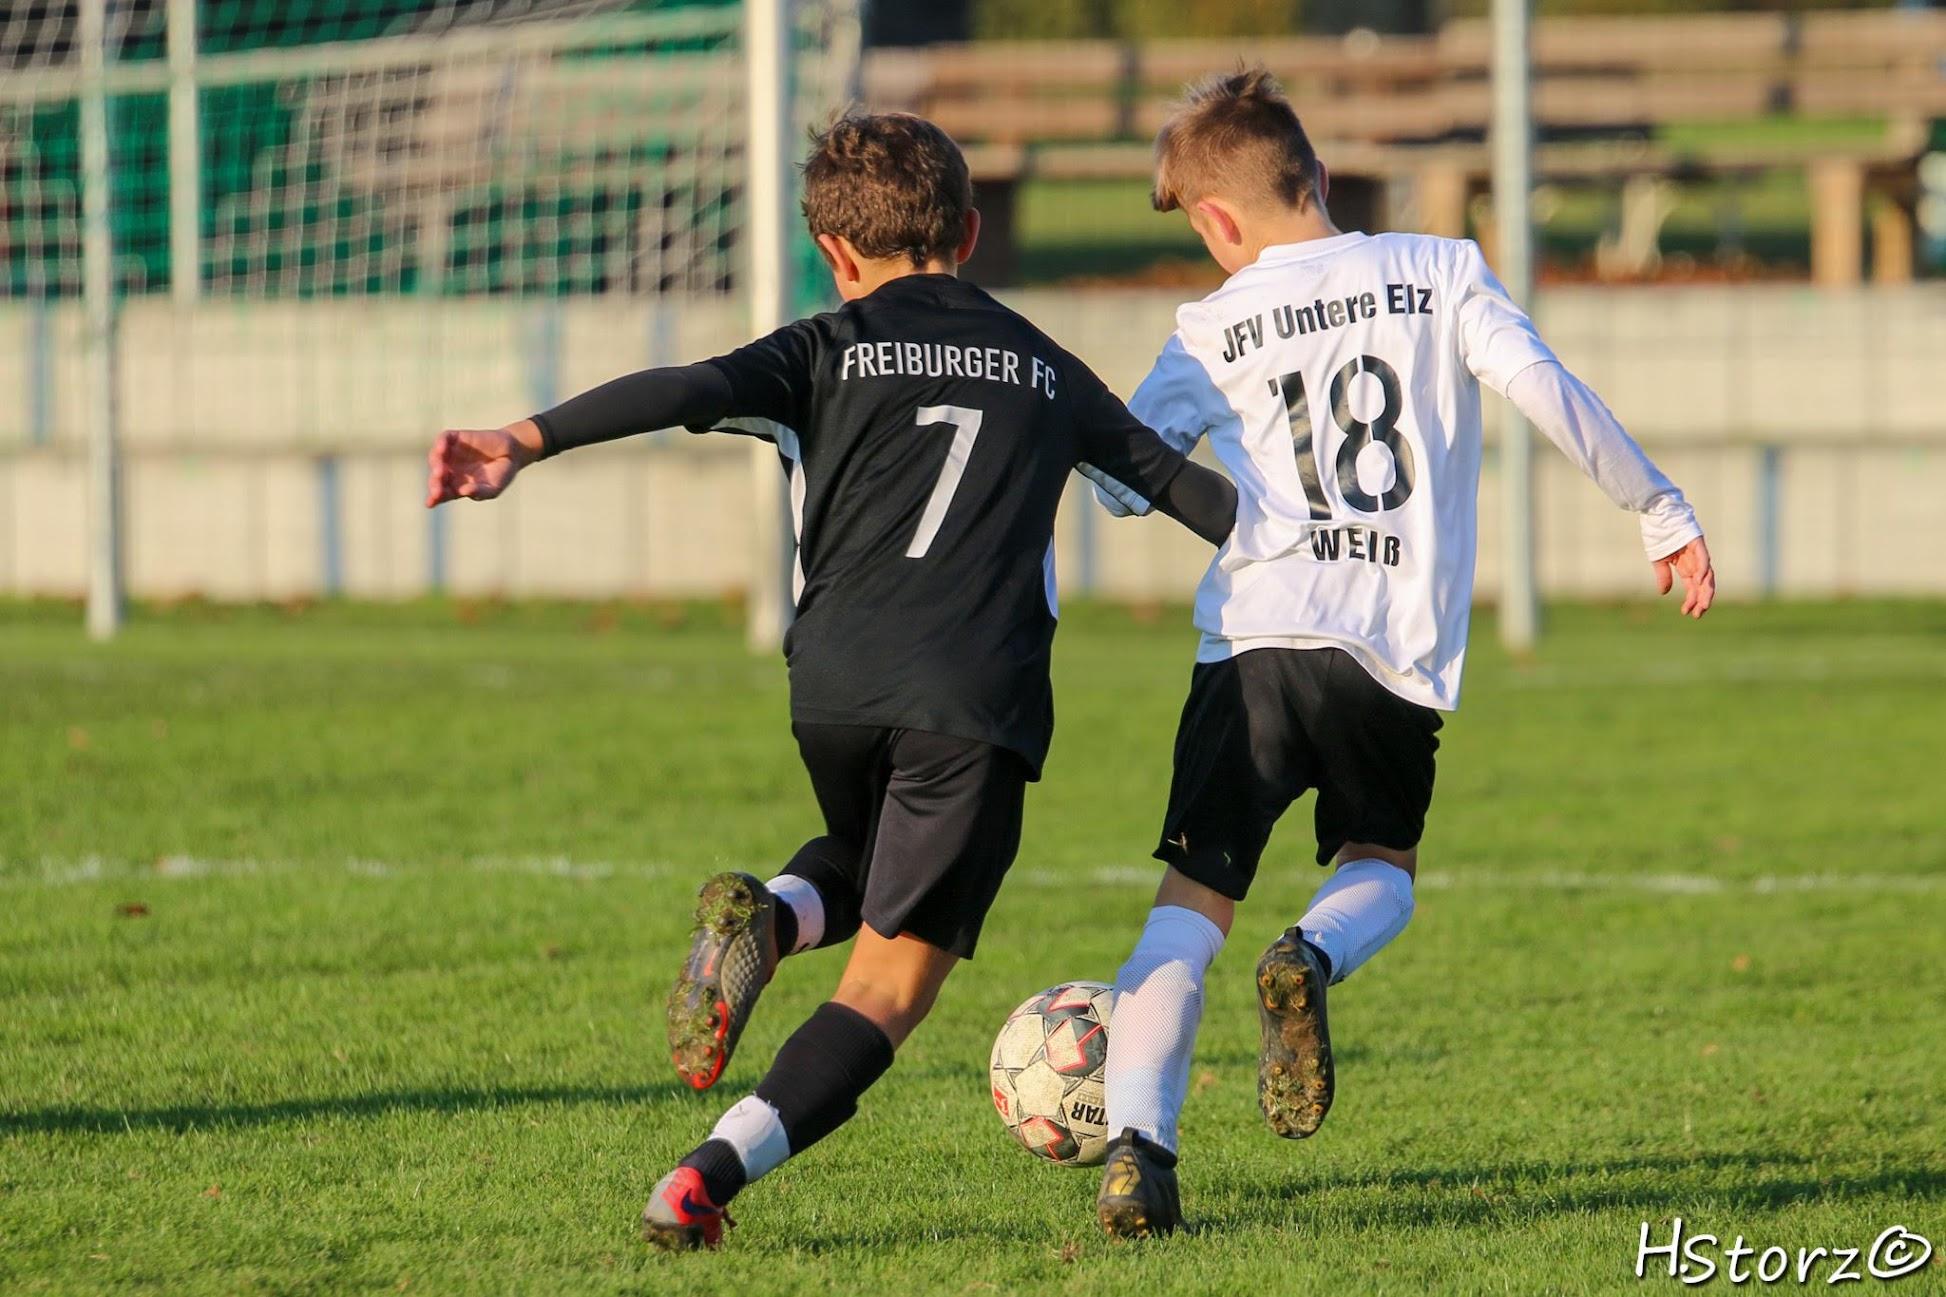 D1-JFV Untere Elz – Freiburger FC 2   1:4